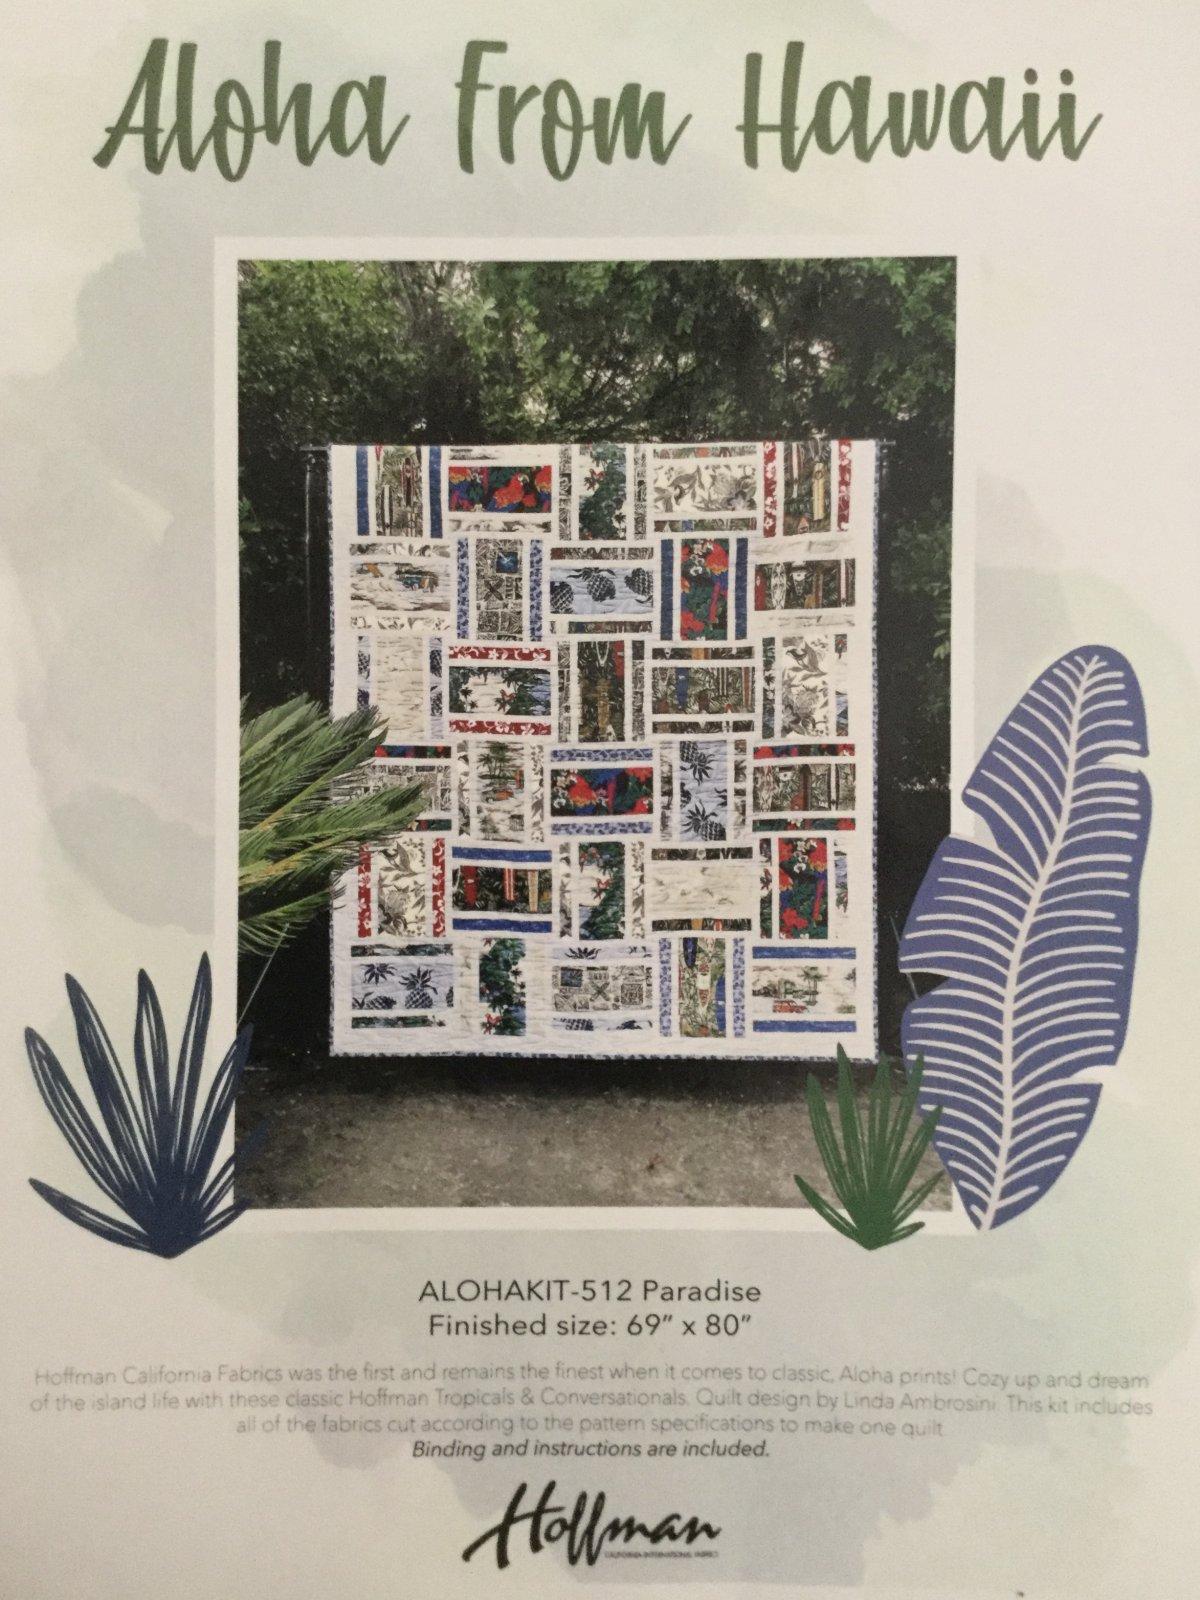 Aloha From Hawaii Quilt Kit ALOHAKIT-512-Paradise